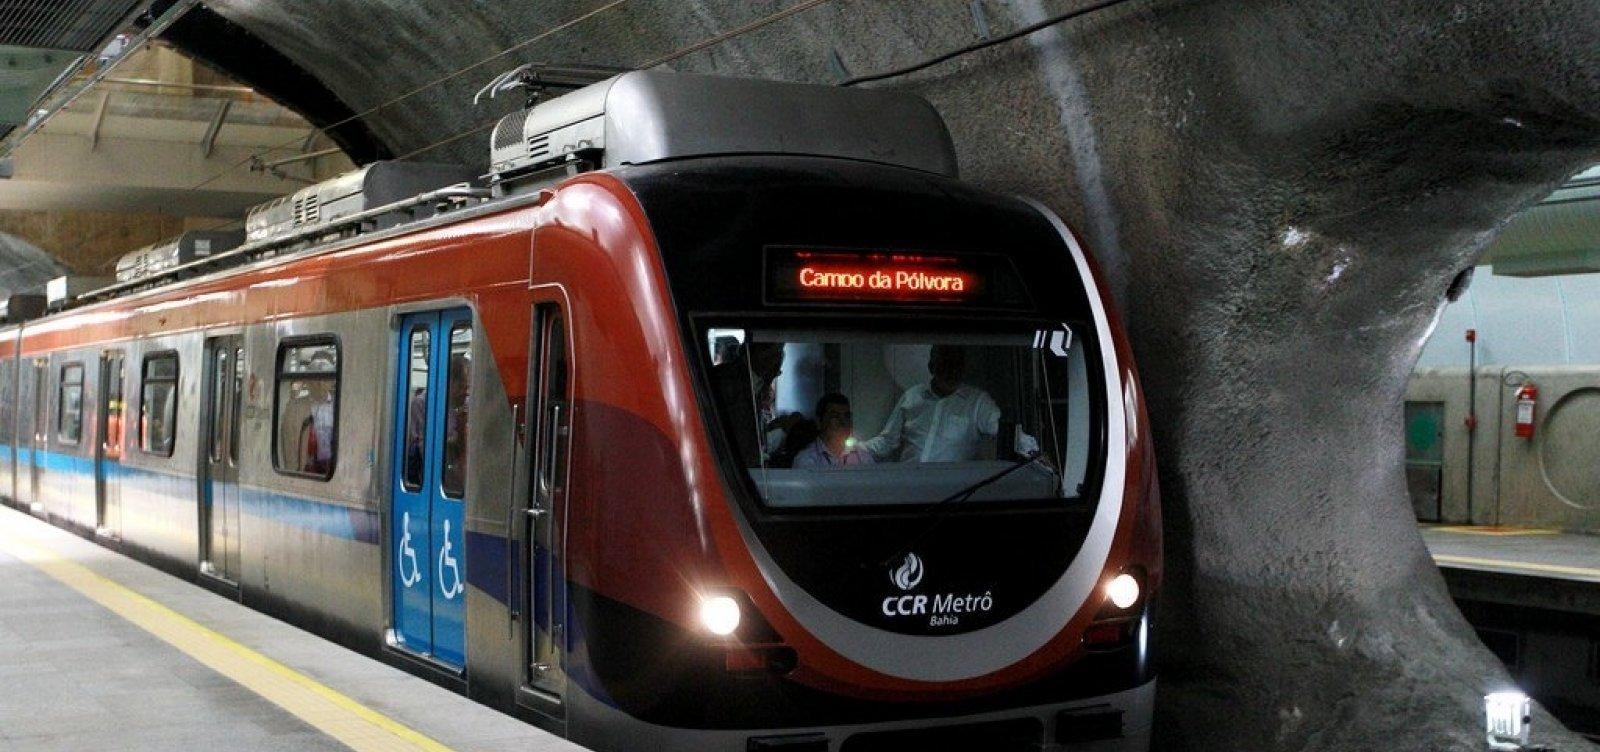 [Licitação para levar metrô até Cajazeiras será aberta nesta semana]